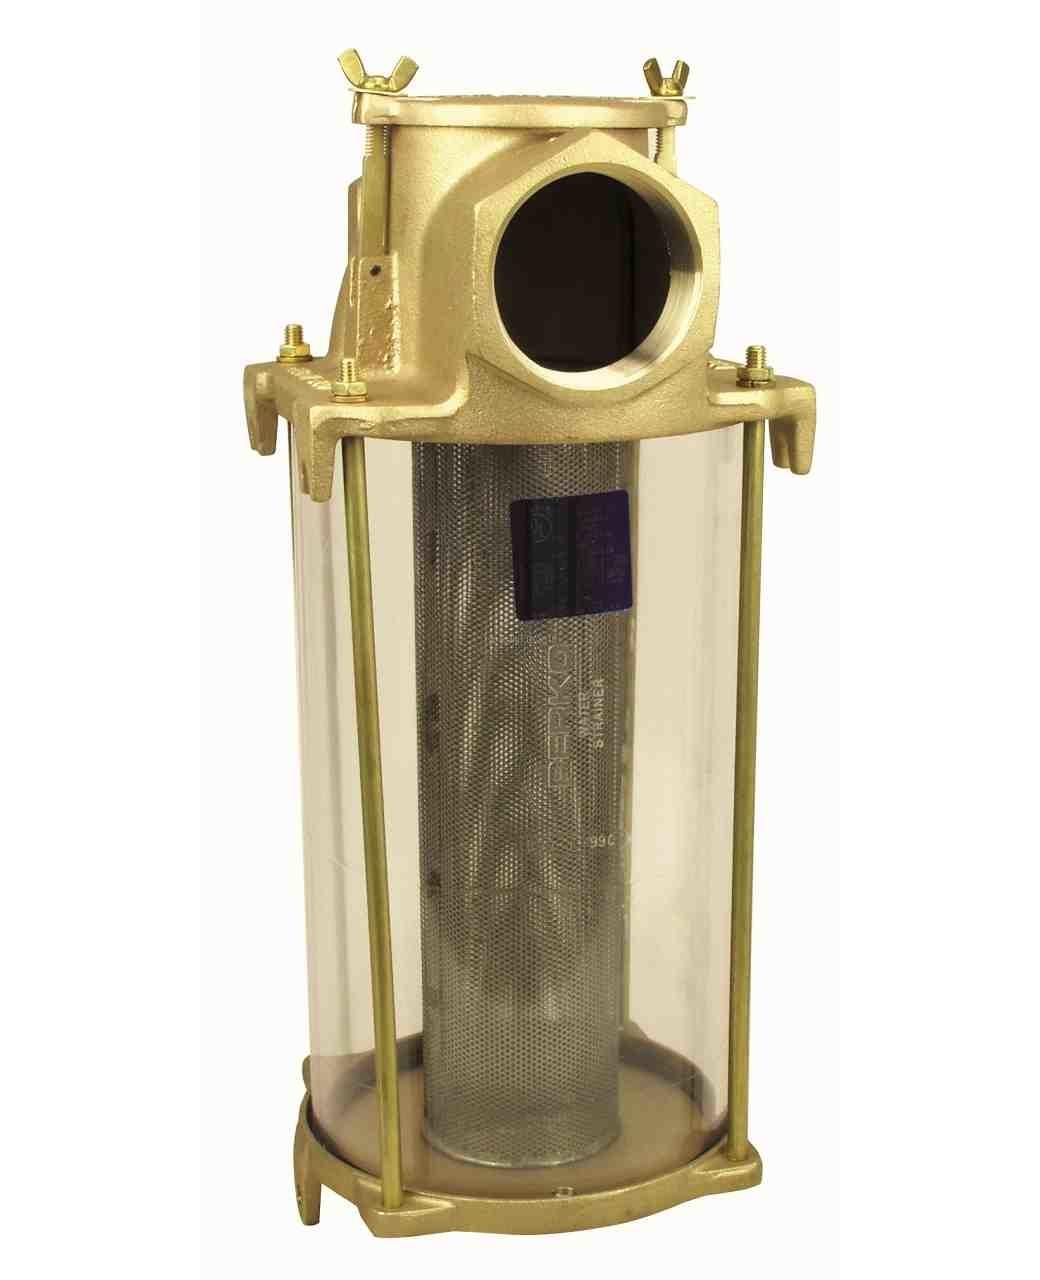 Perko Filtro acqua di aspirazione di grandi dimensioni - Tiranti, dadi e rondelle di ricambio sono costituiti da (1 ciascuno per serie 0500)